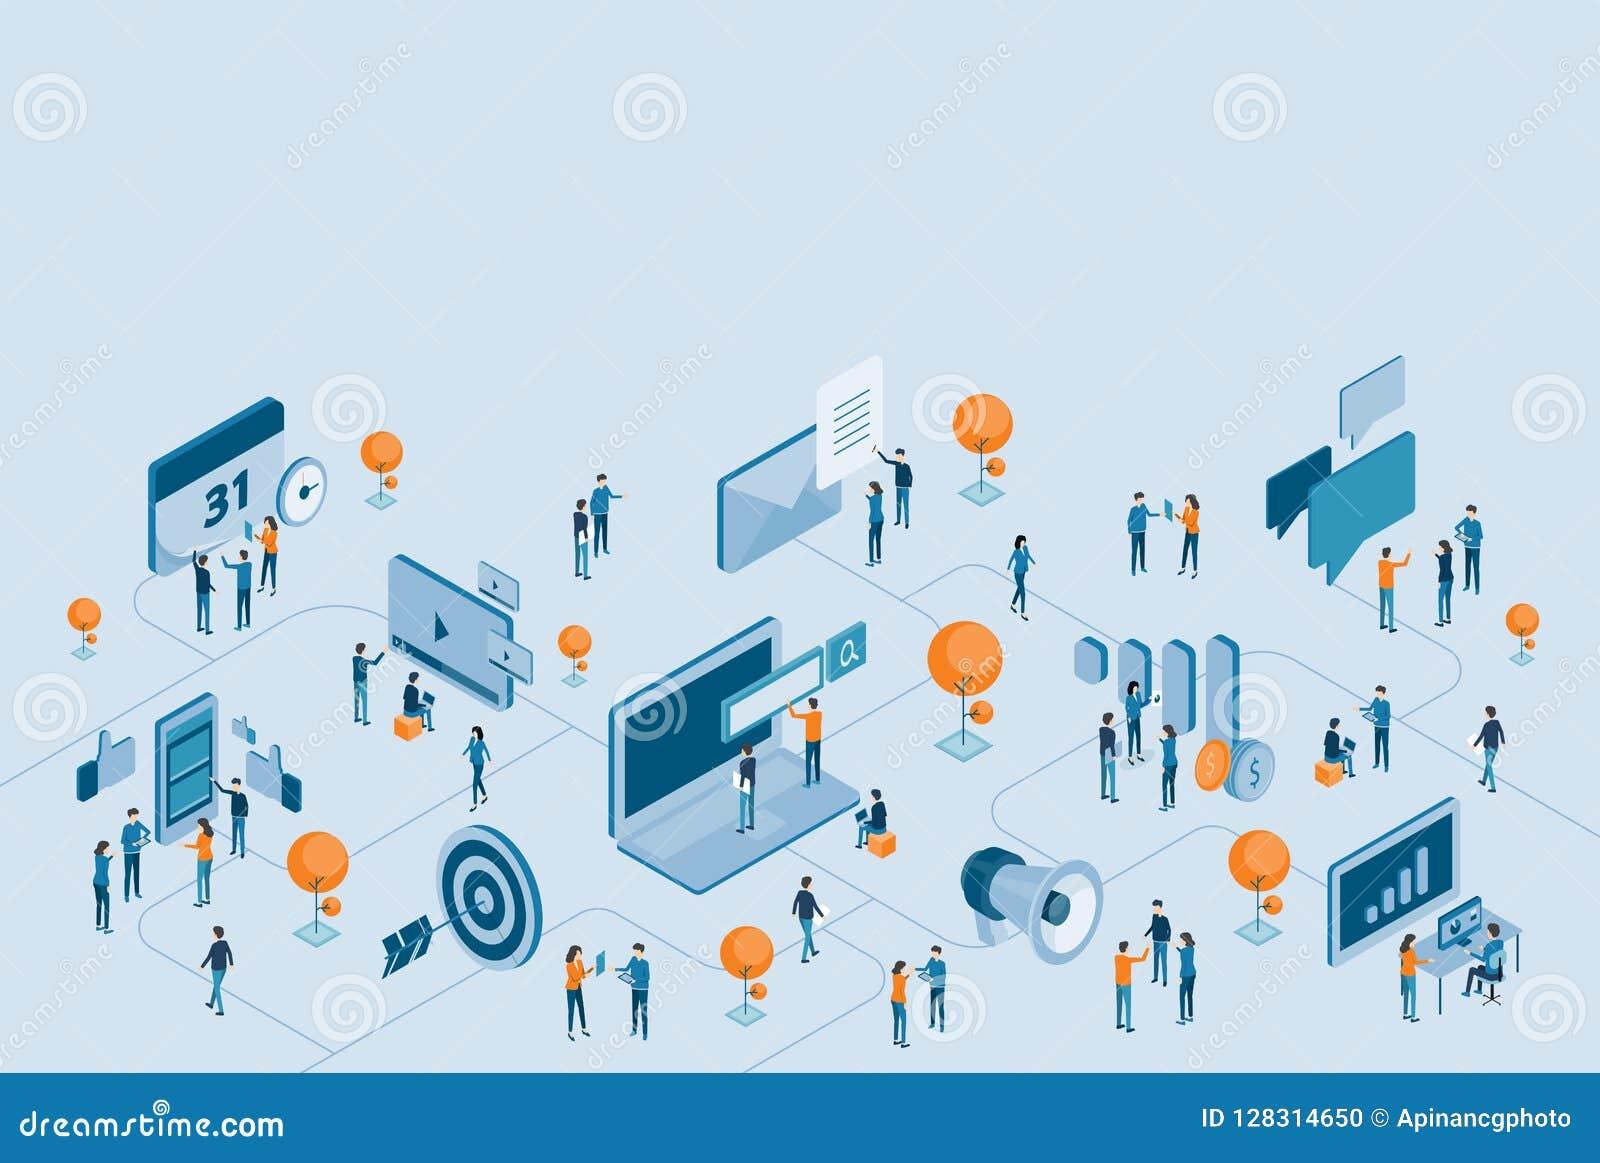 Isometrisches Design für on-line-Verbindung des digitalen Marketings des Geschäfts